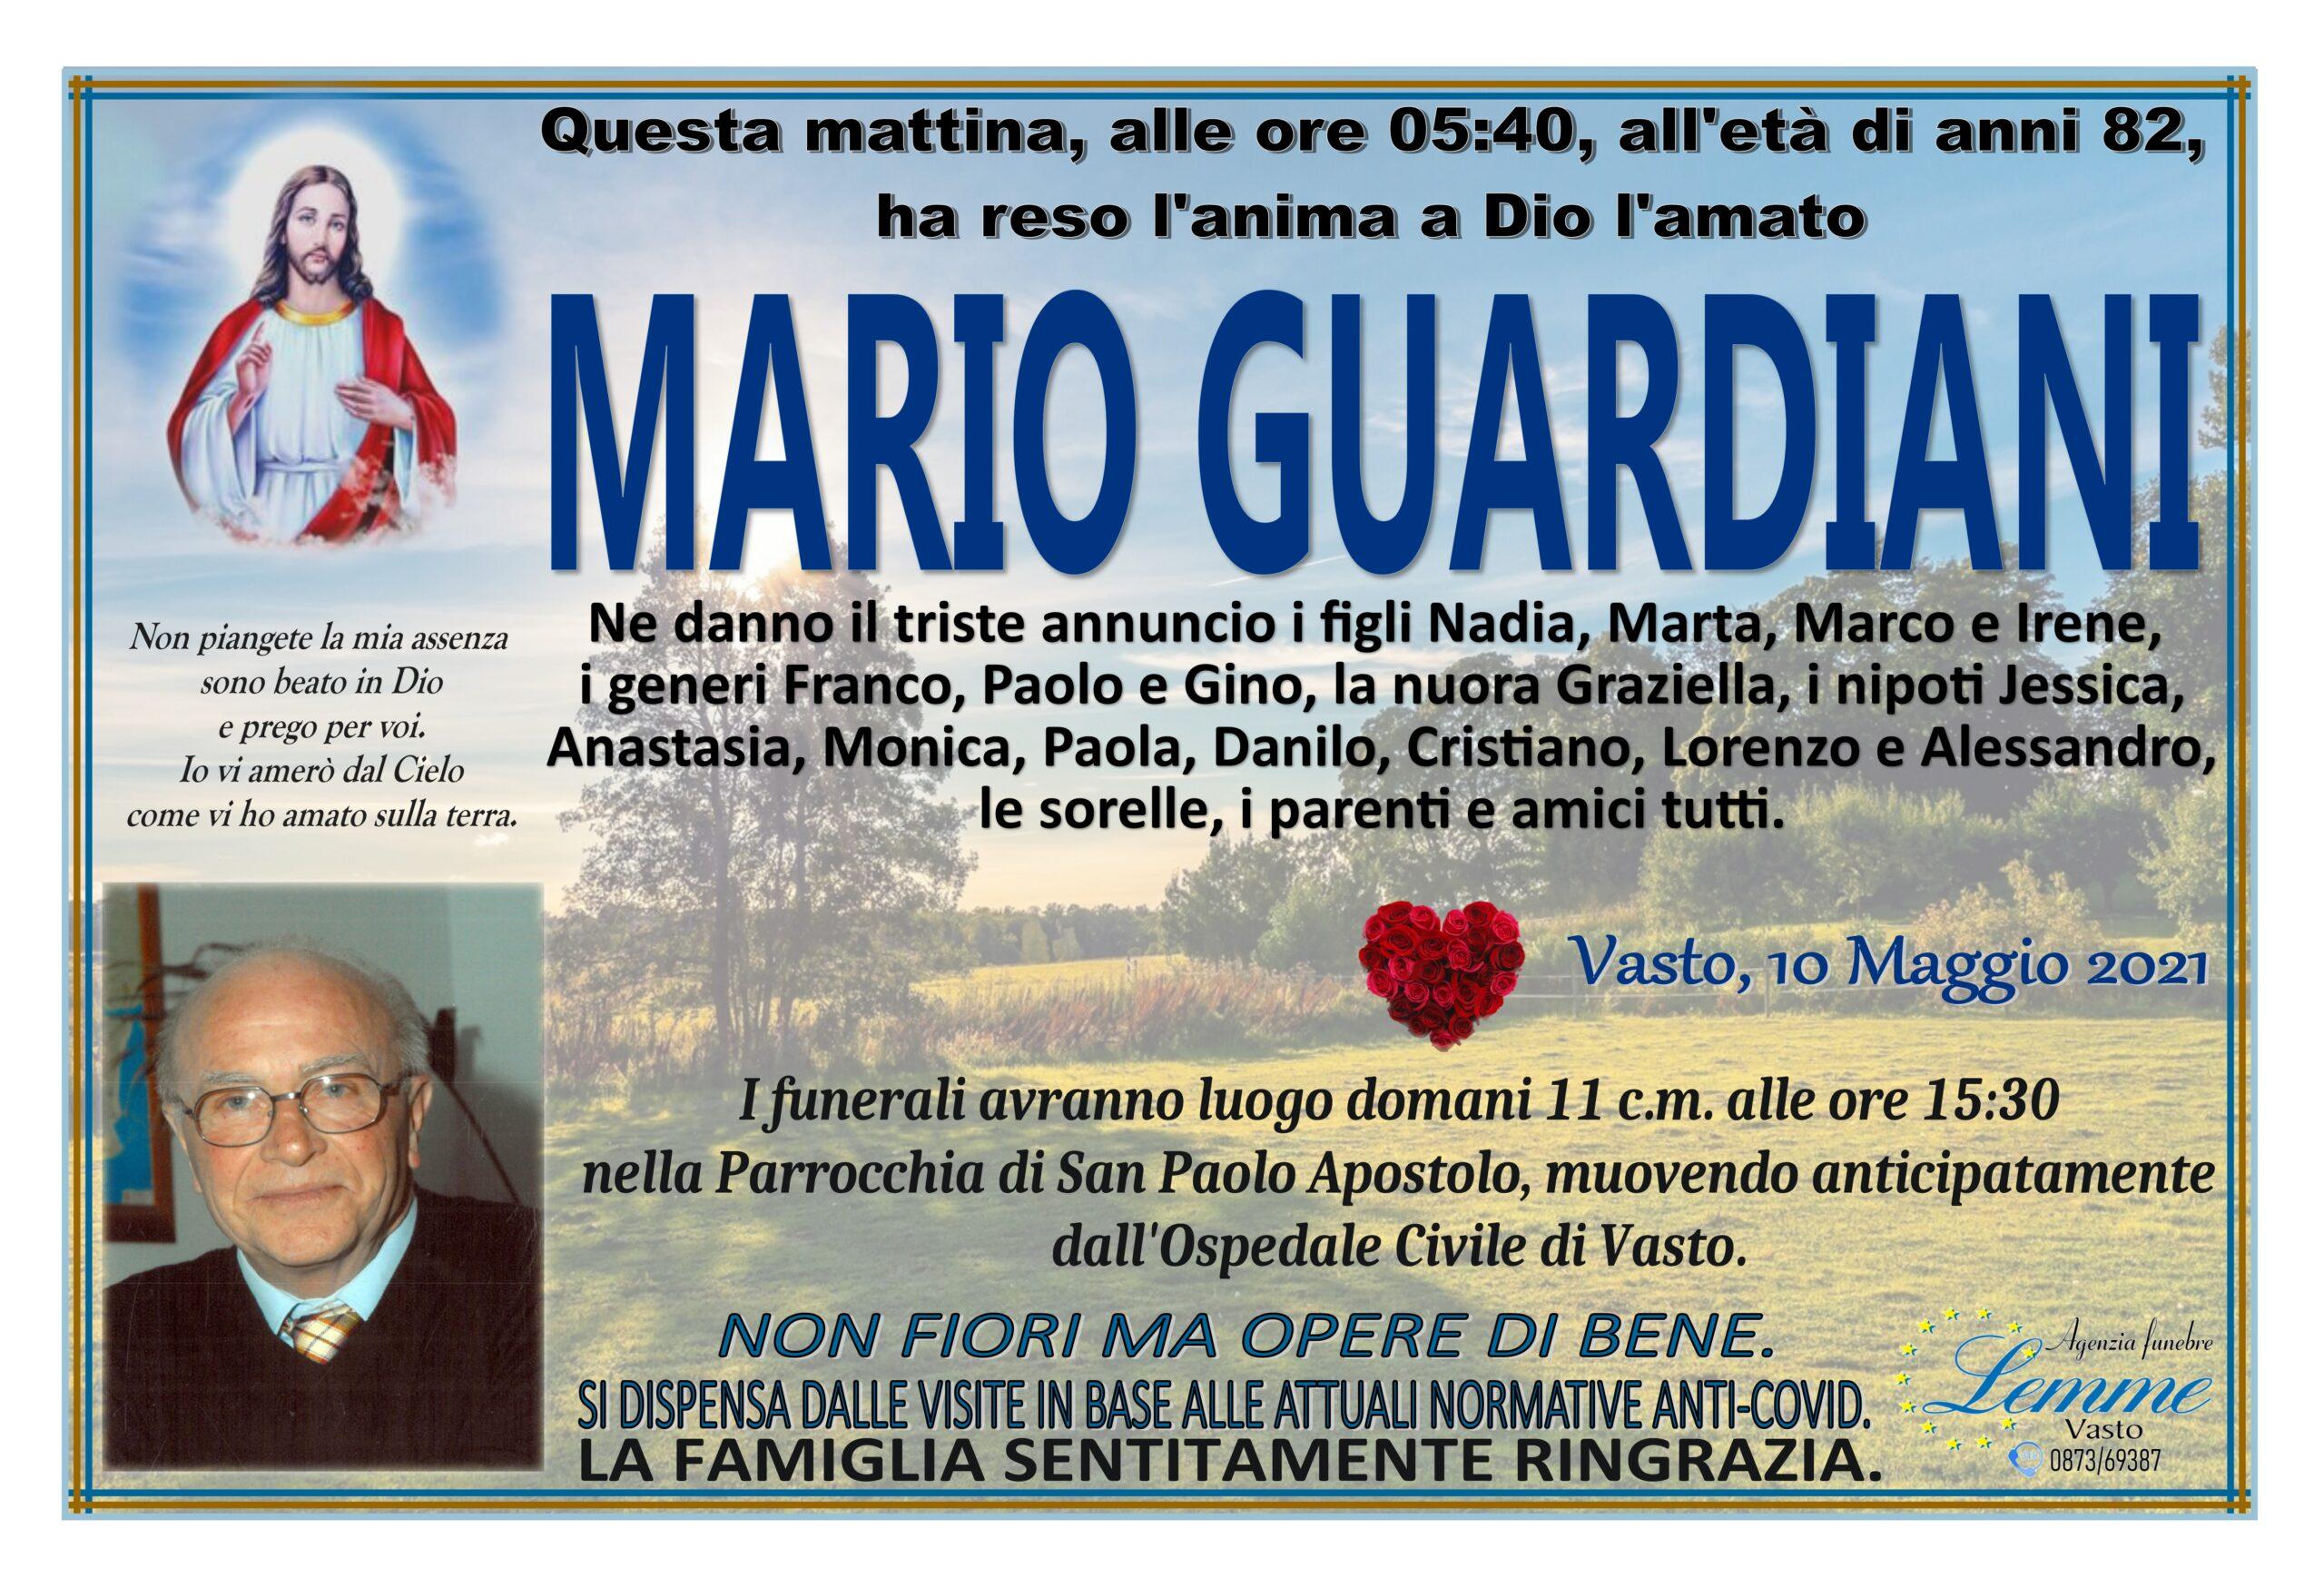 MARIO GUARDIANI